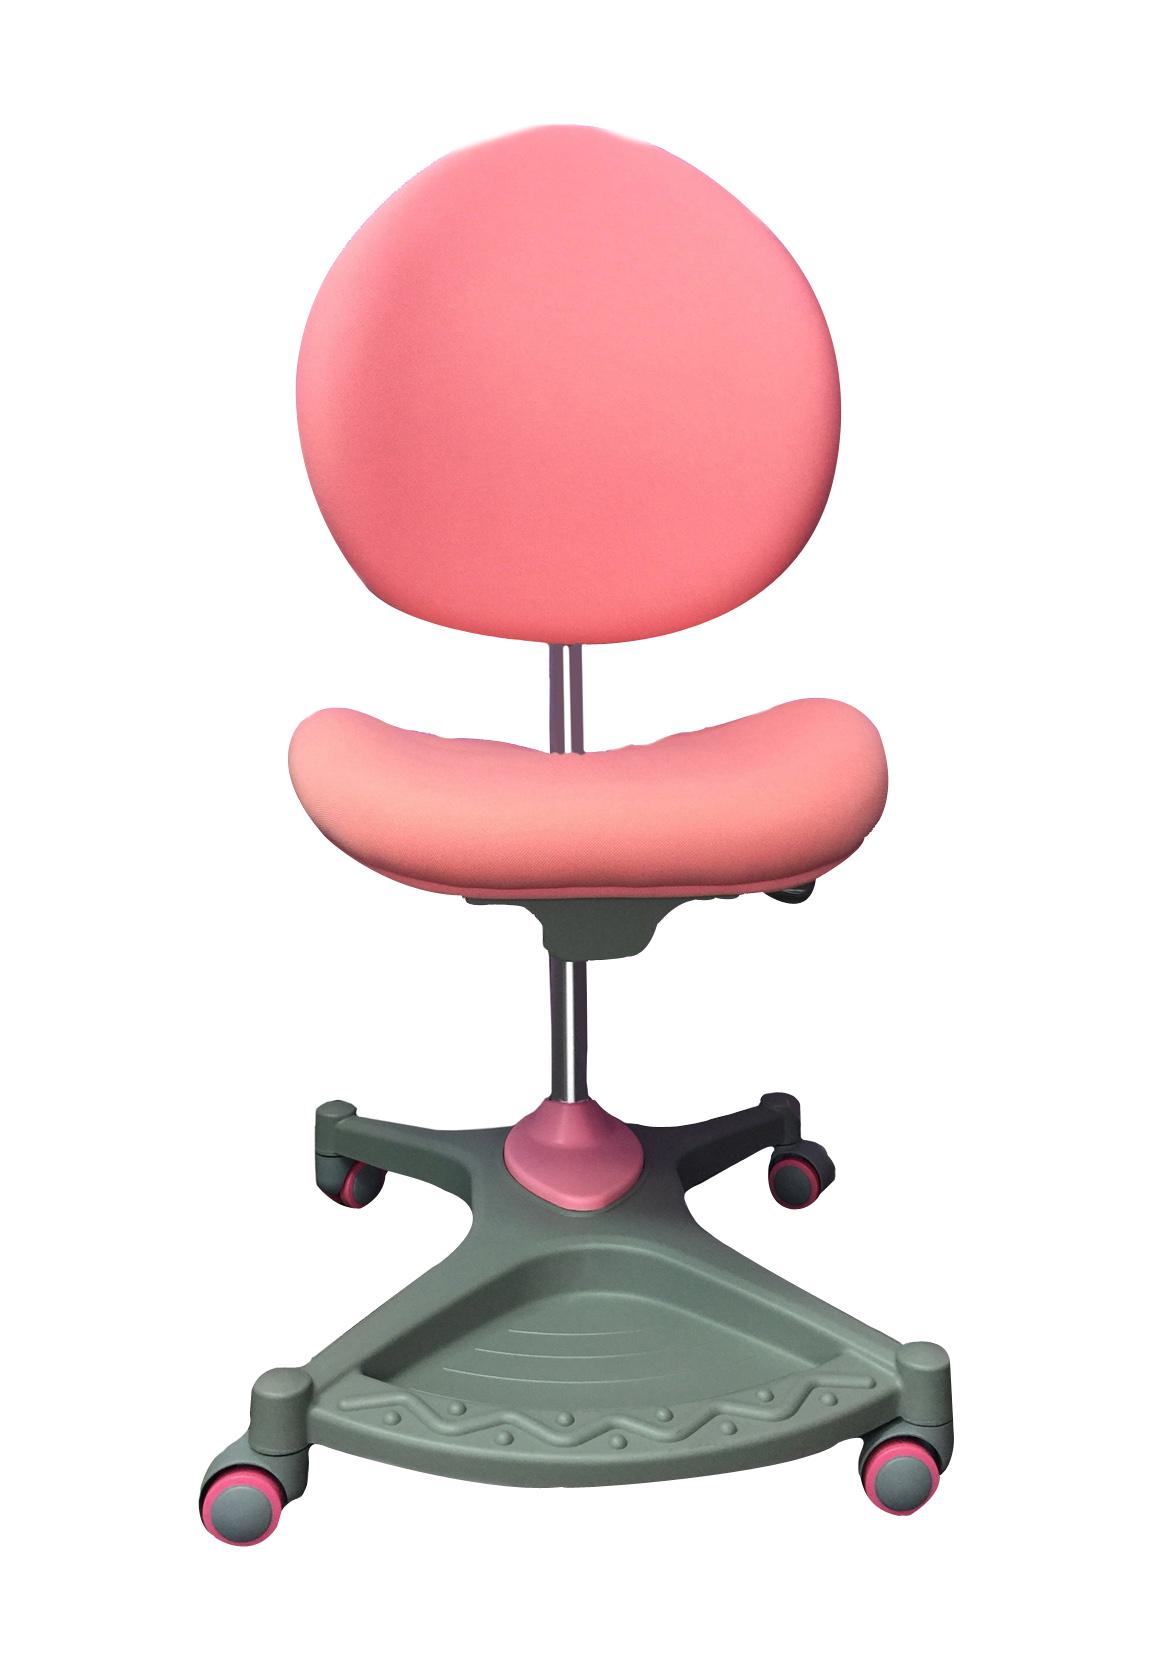 Компьютерное кресло Libao LB-C21-roz, розовый